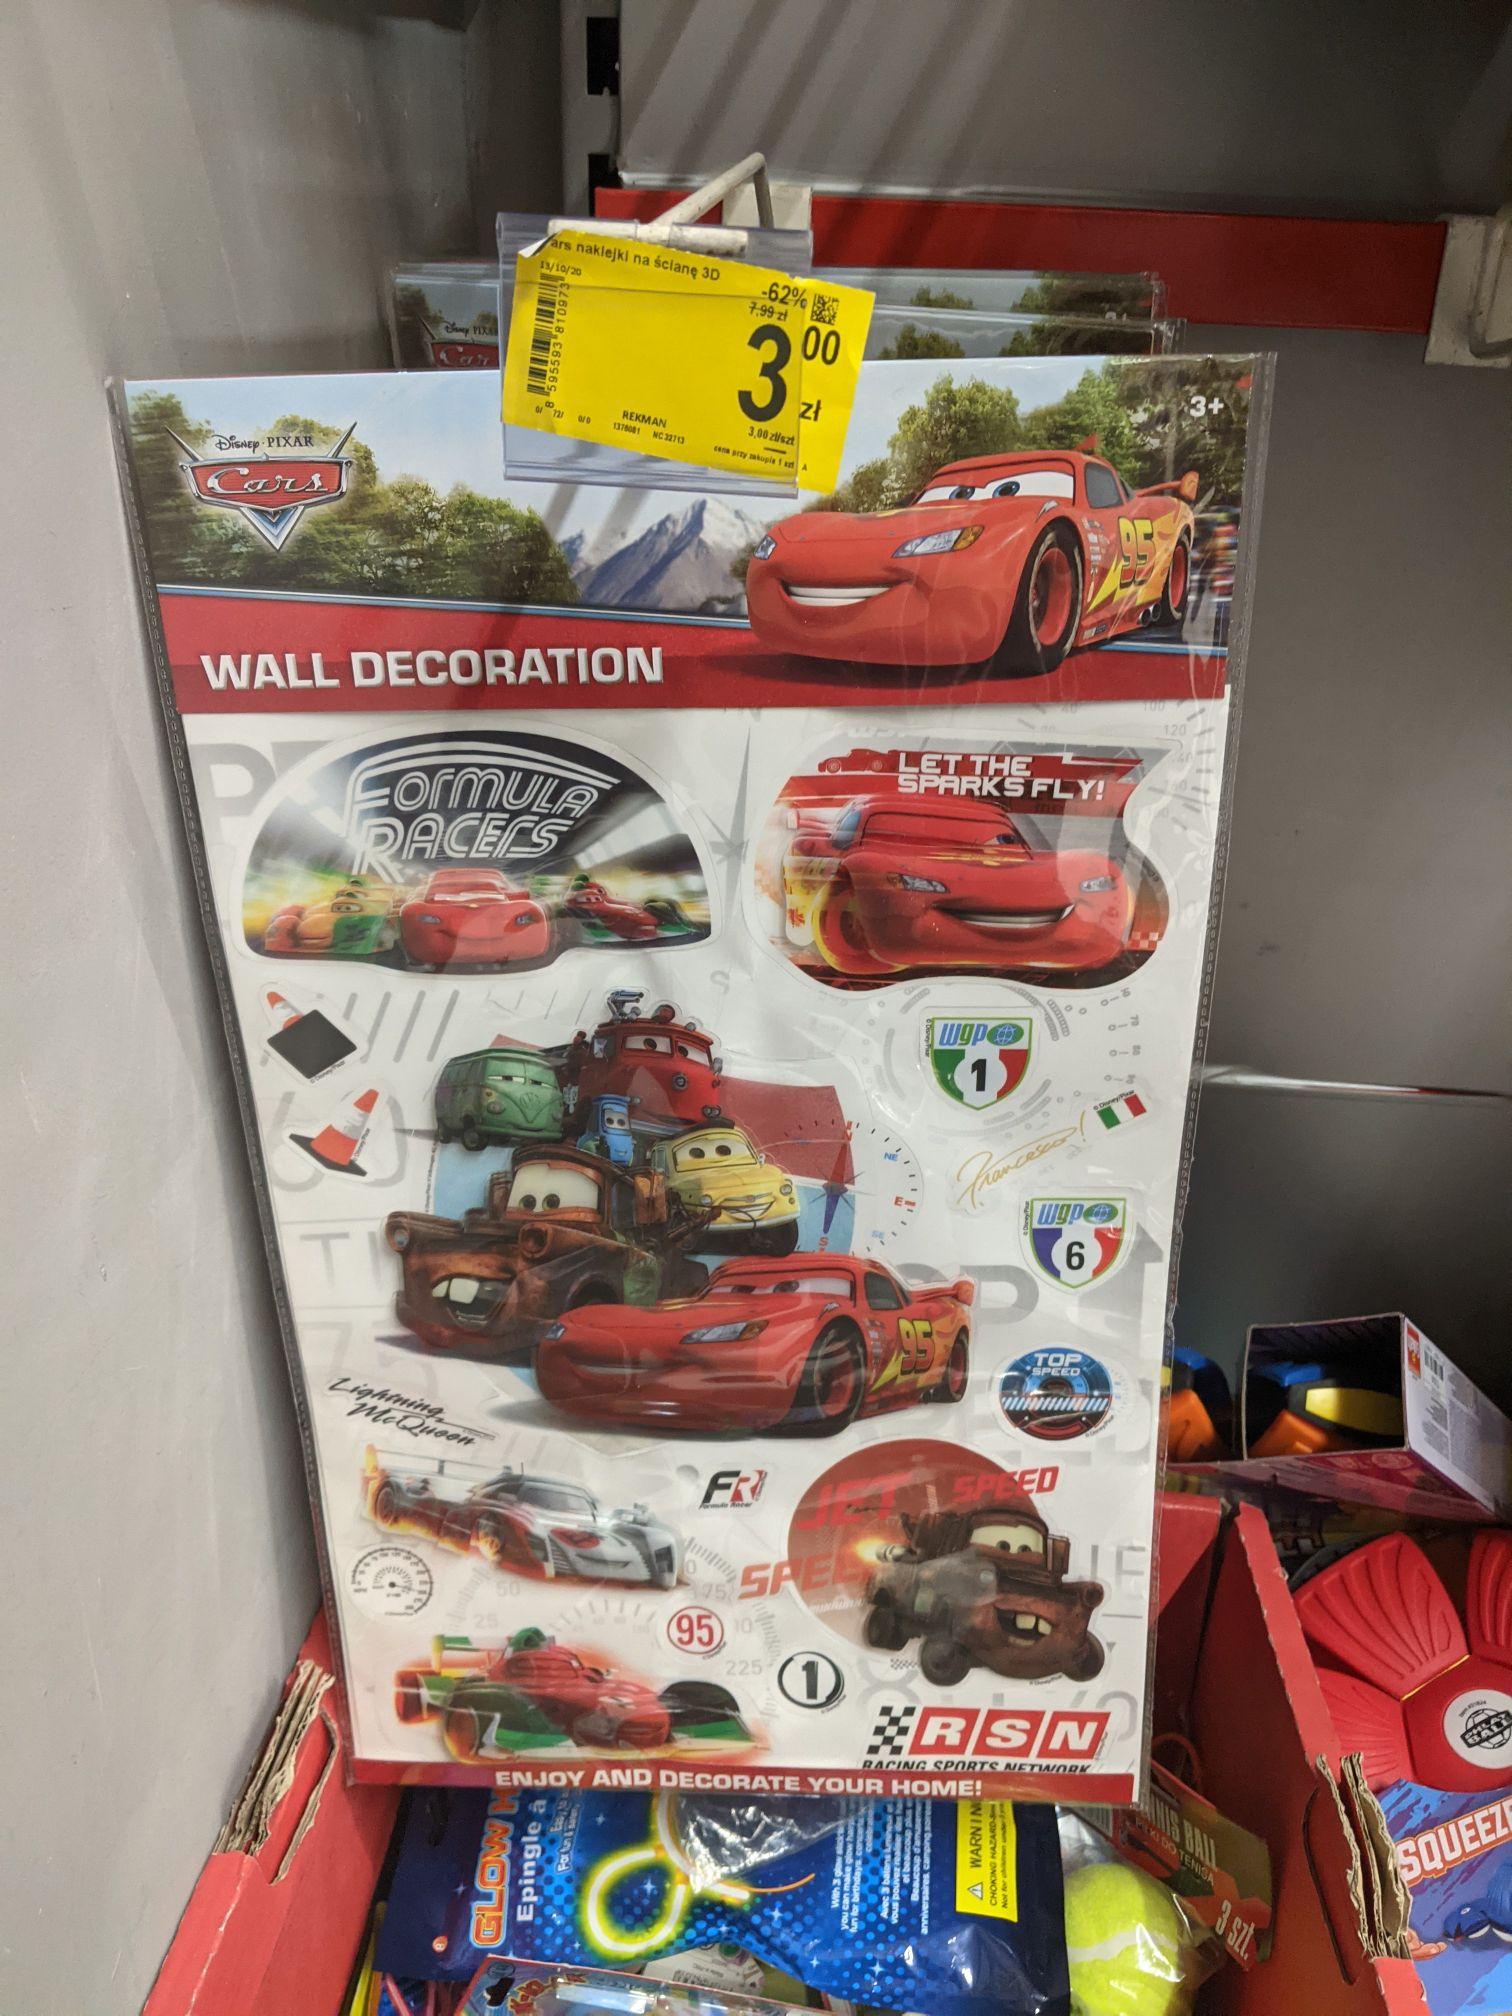 Disney Pixar Cars, naklejki na ścianę 3D dla dzieci. Carrefour Plejada Sosnowiec